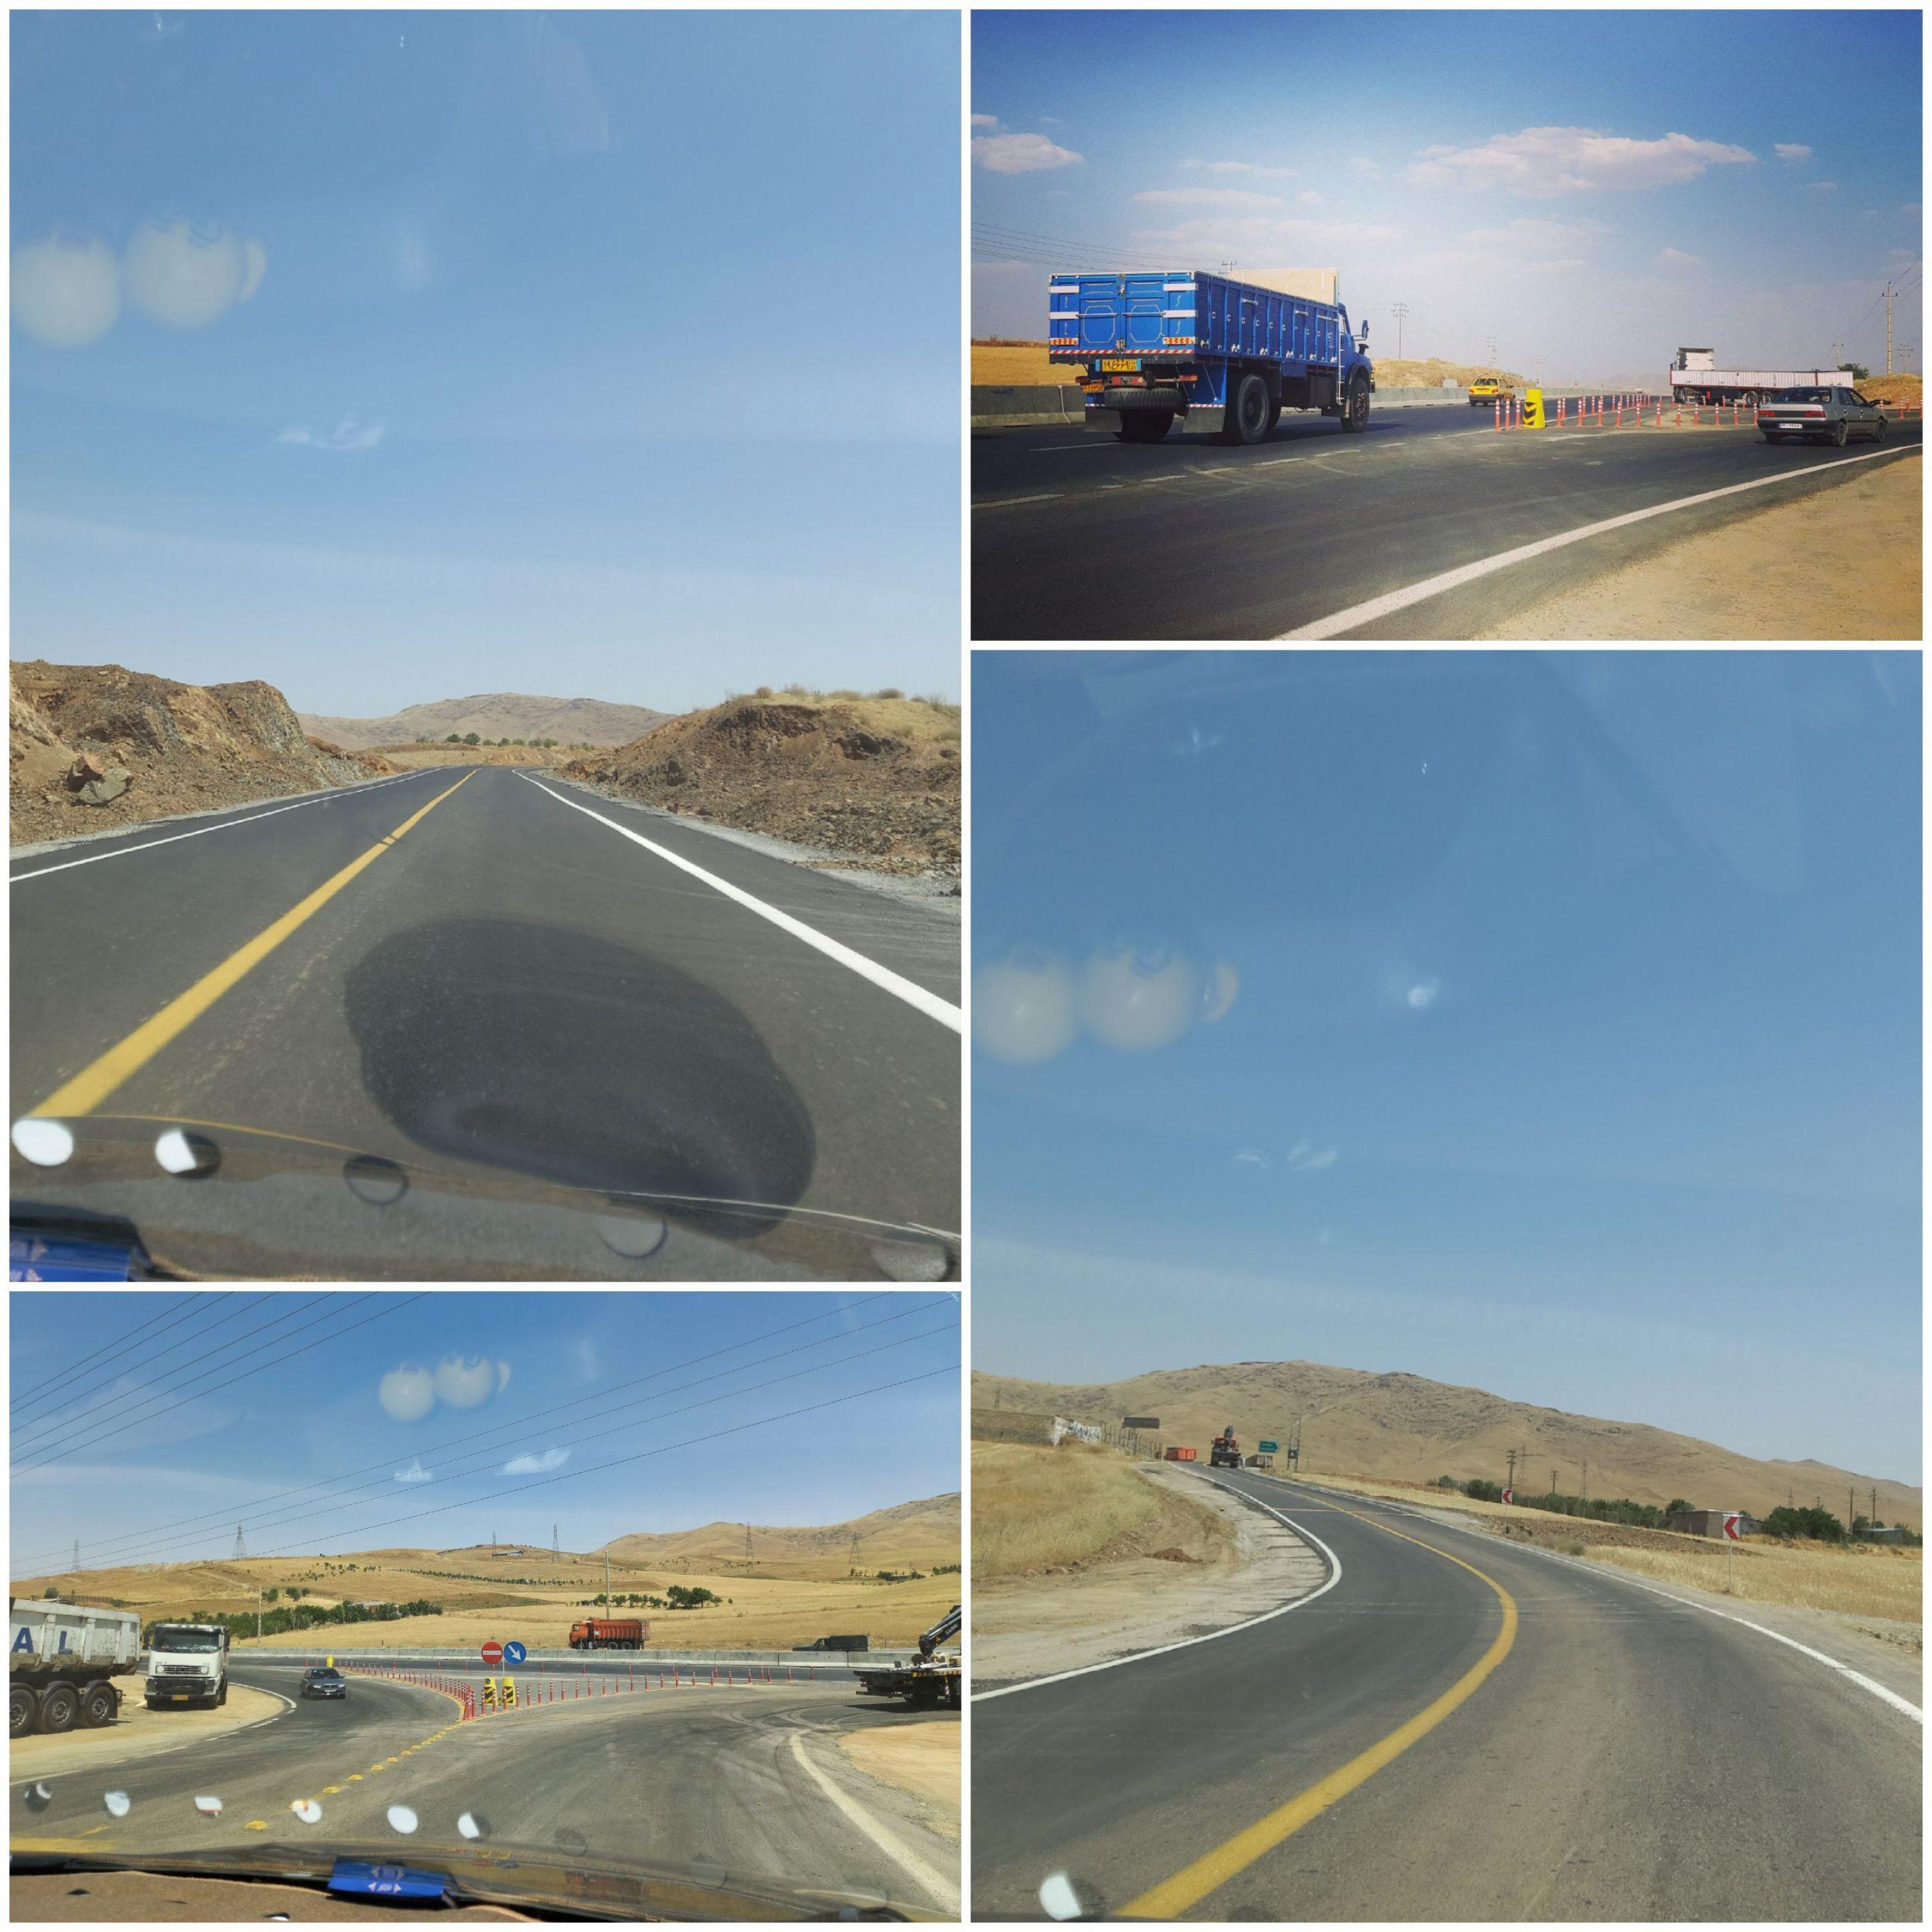 لزوم ایمن سازی جاده جایگزین سقز- مریوان